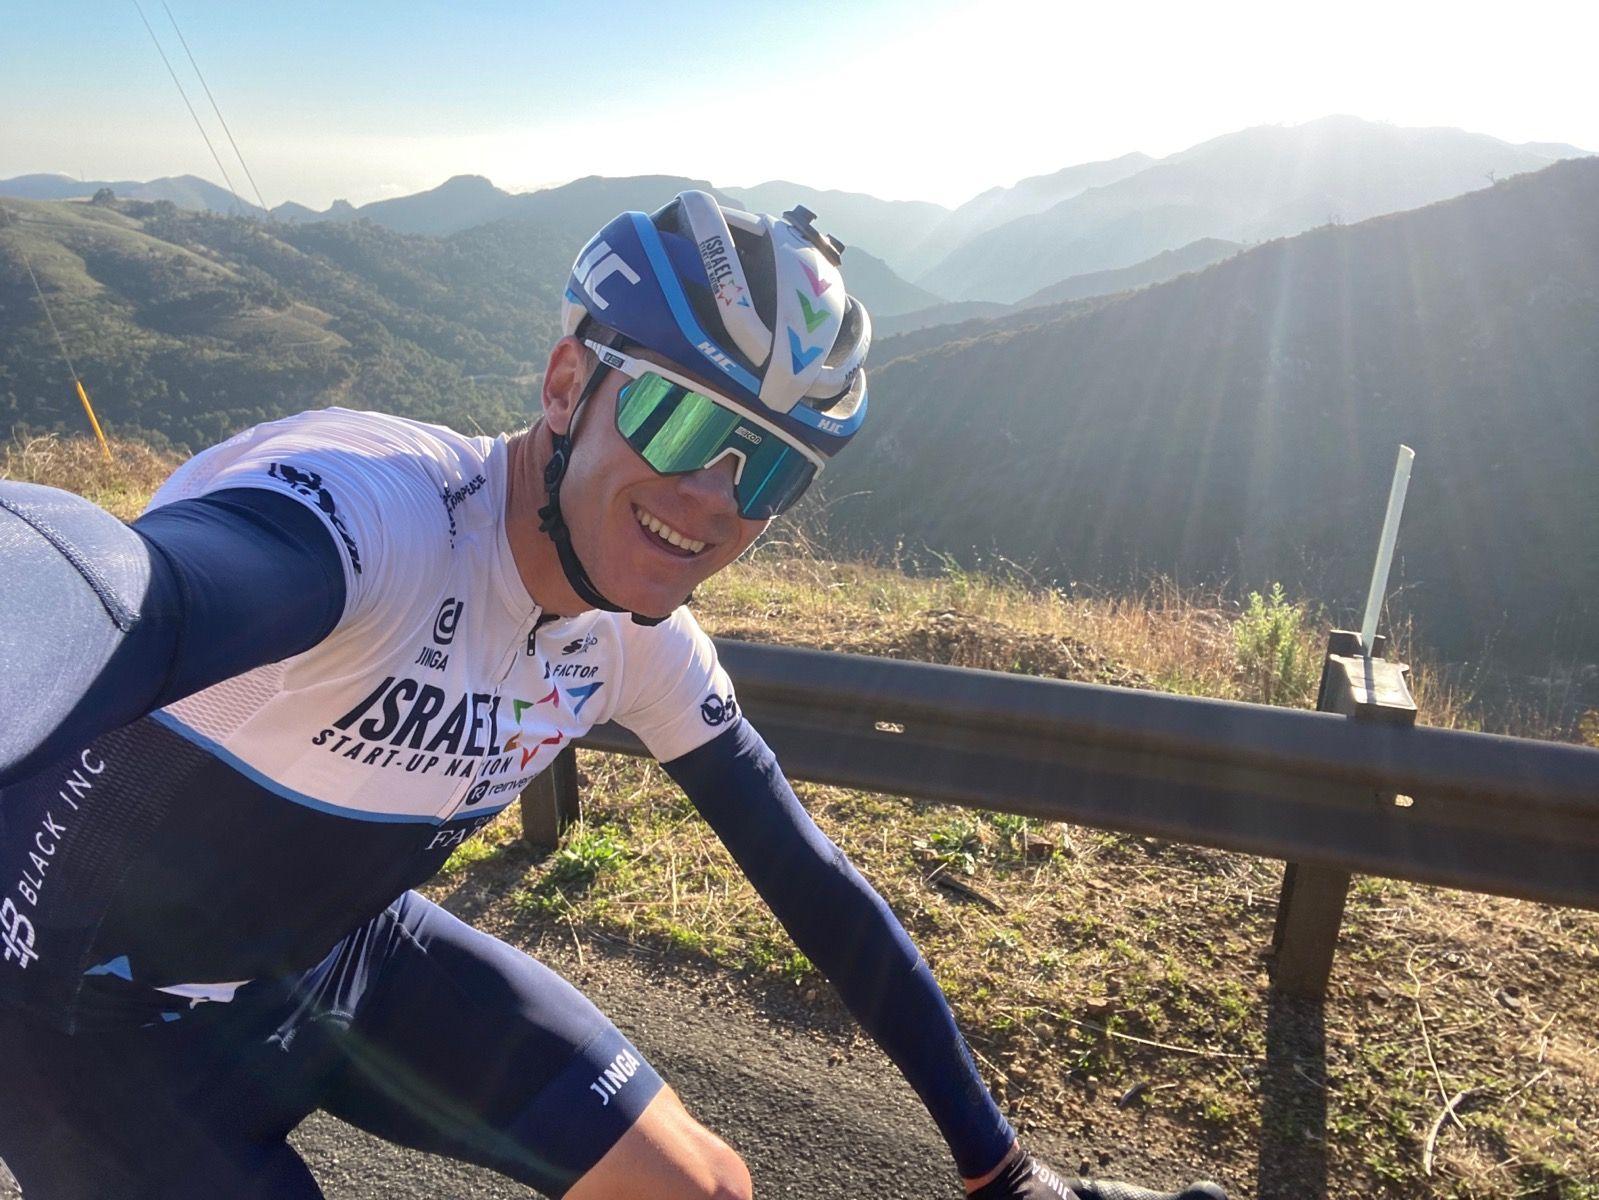 Chris Froome sender den sidste Californien-træningstur på Strava, mens han forbereder sig på sæsondebut